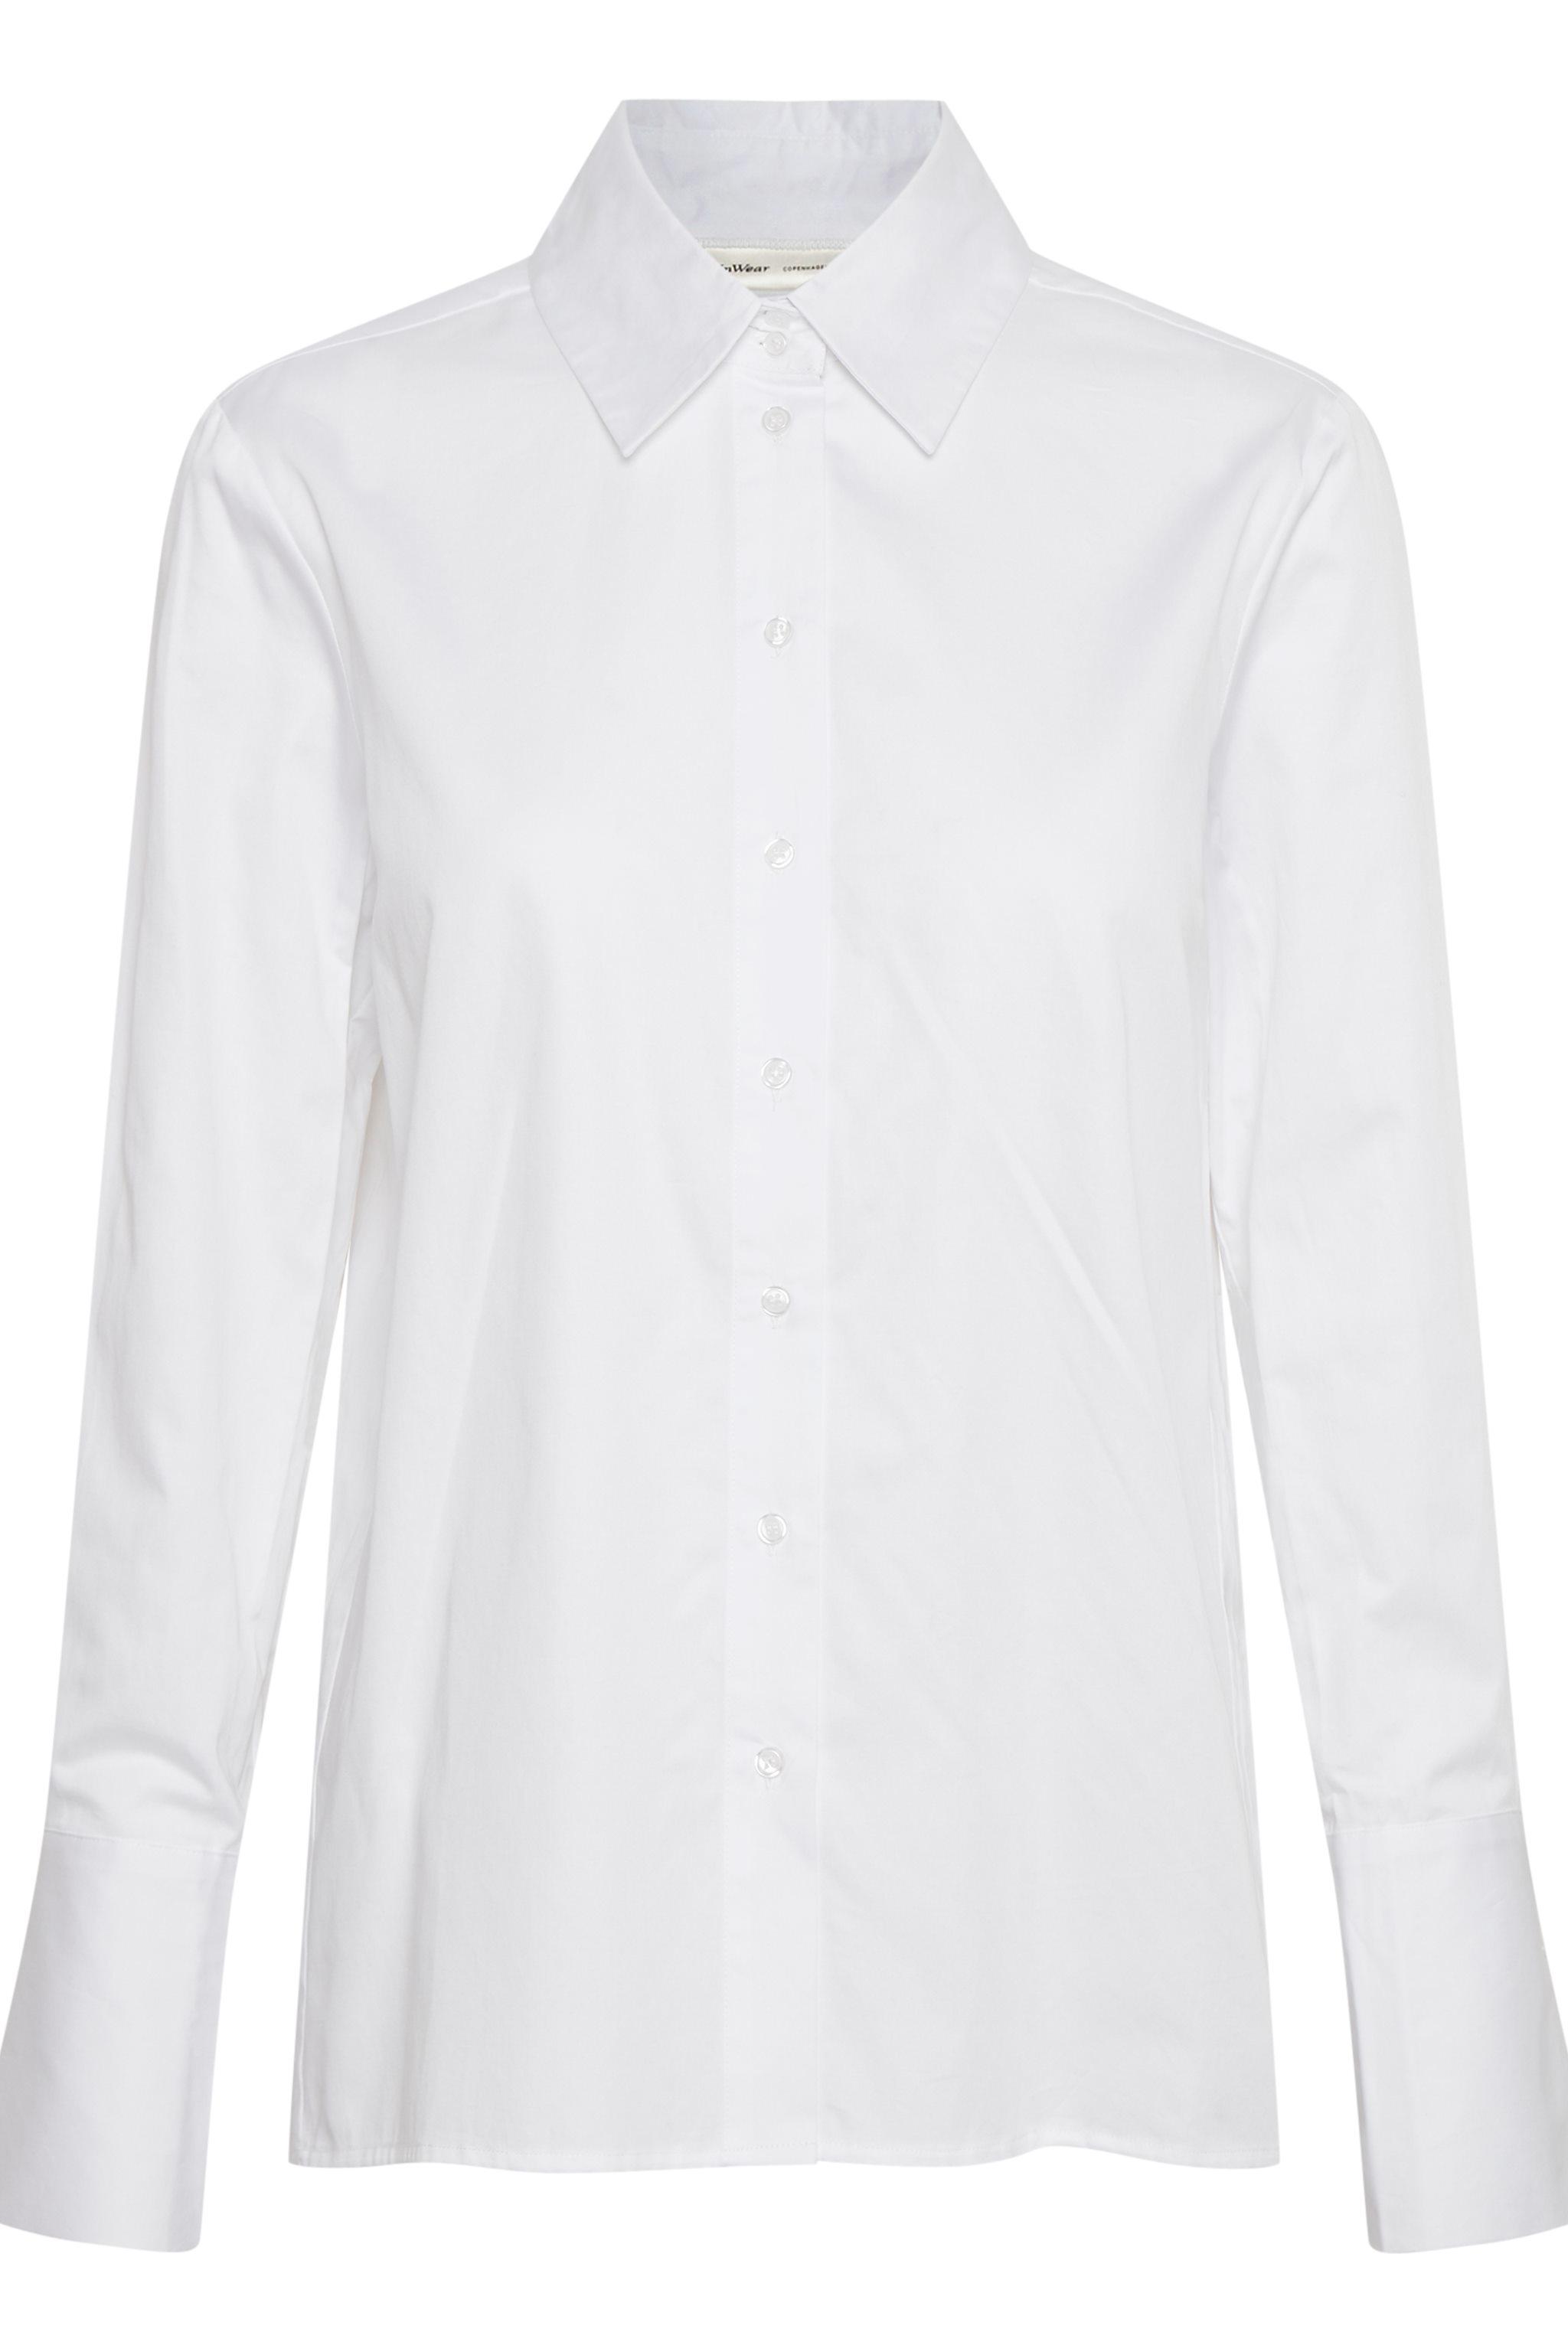 InWear VexIW skjorte